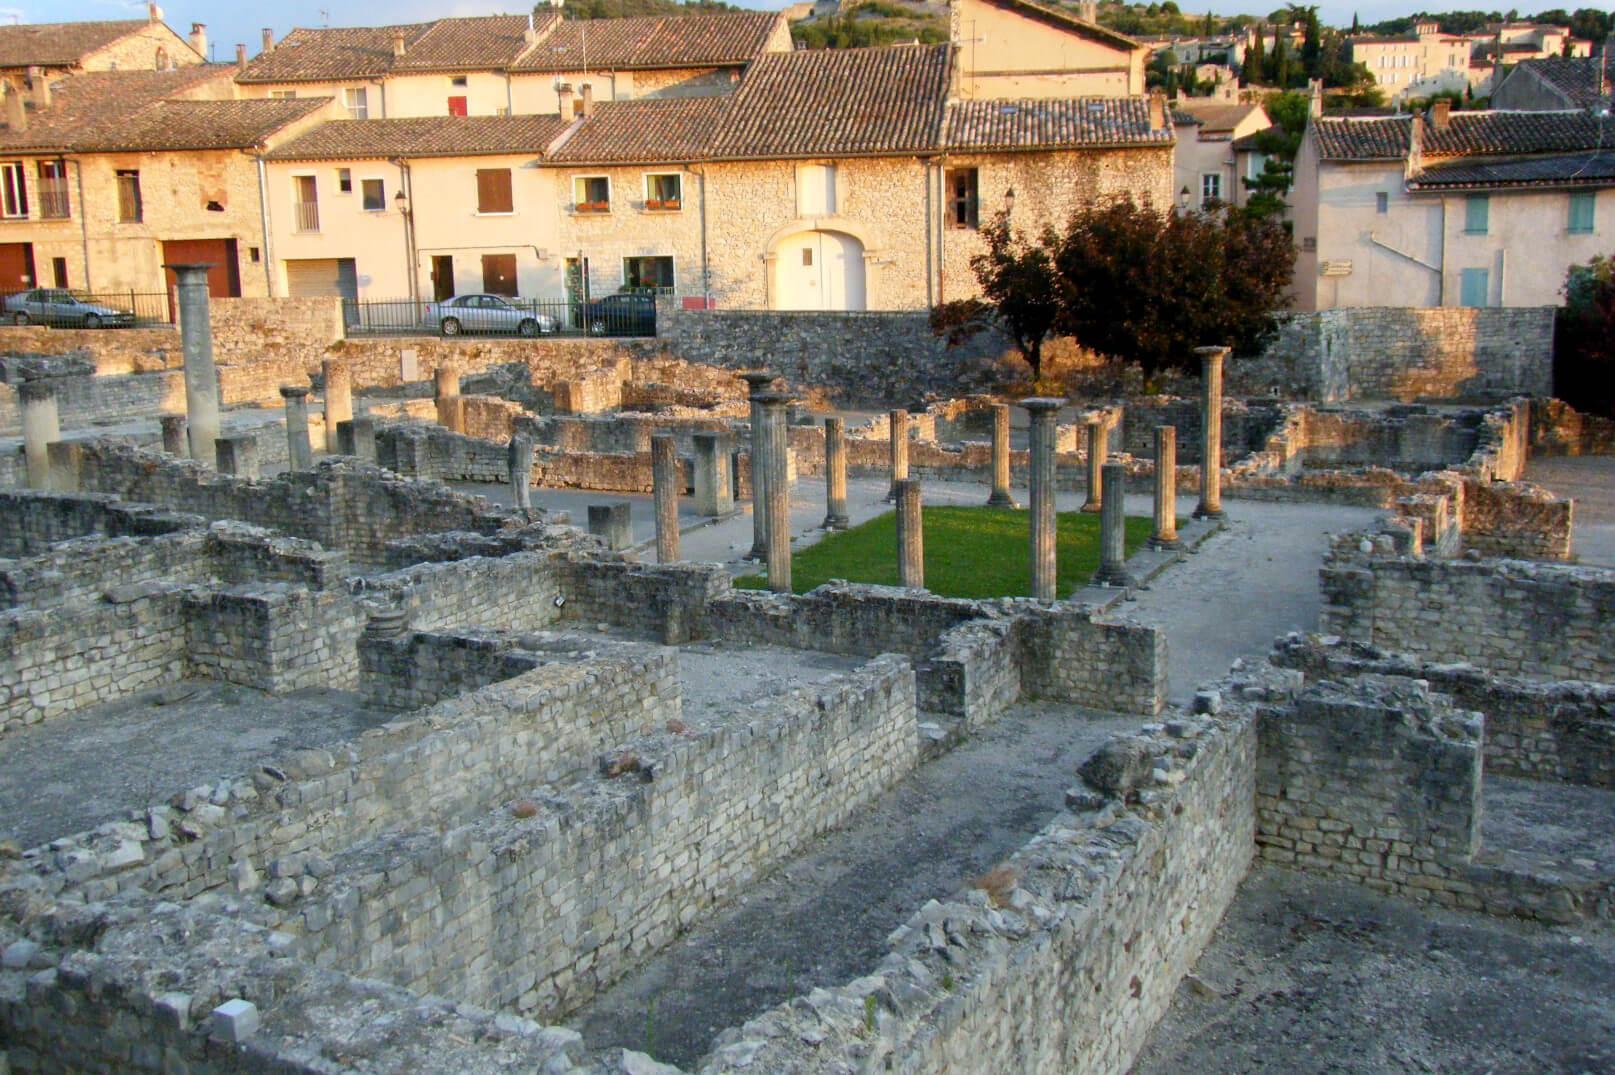 Bezoek de oude sites van Vaison-la-Romaine